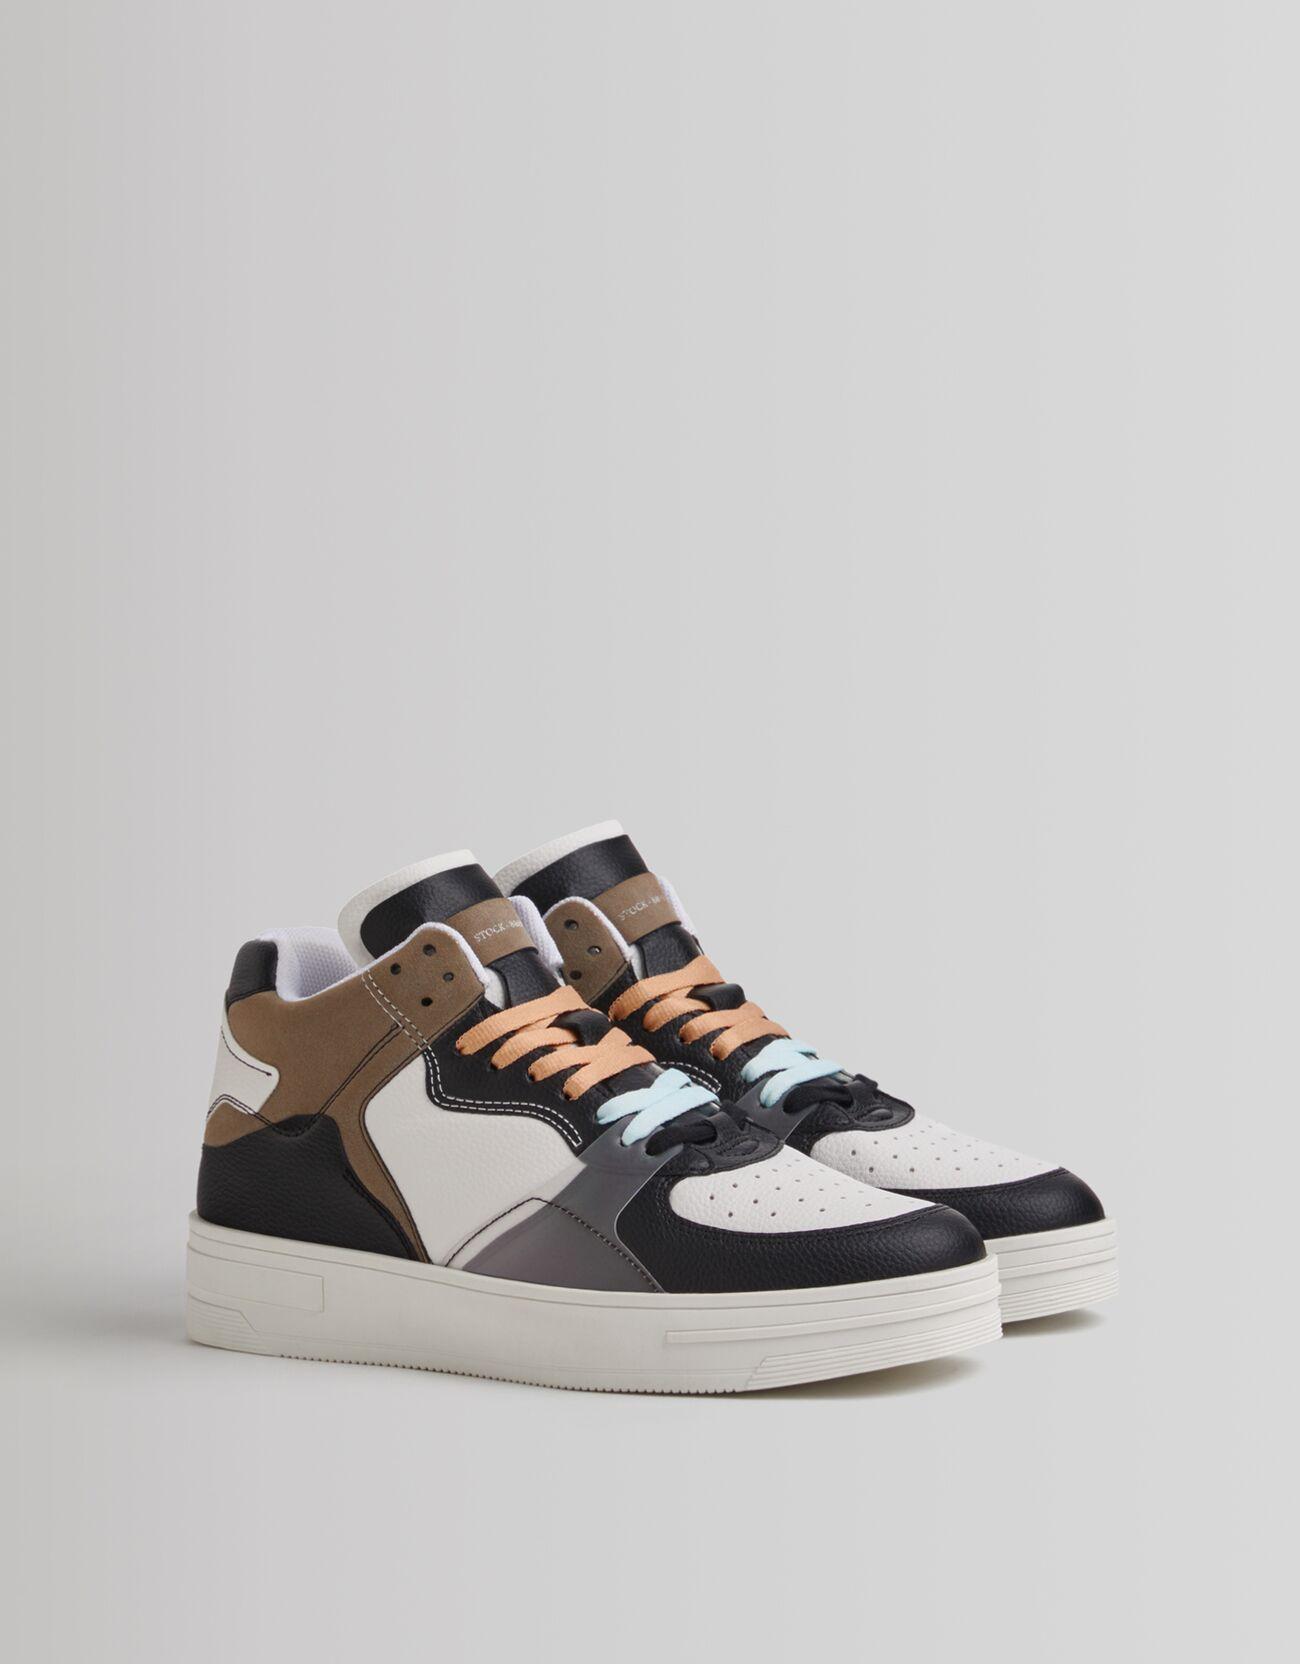 Bershka Sneakers Da Uomo A Stivaletto Combinate Uomo 44 Marrone